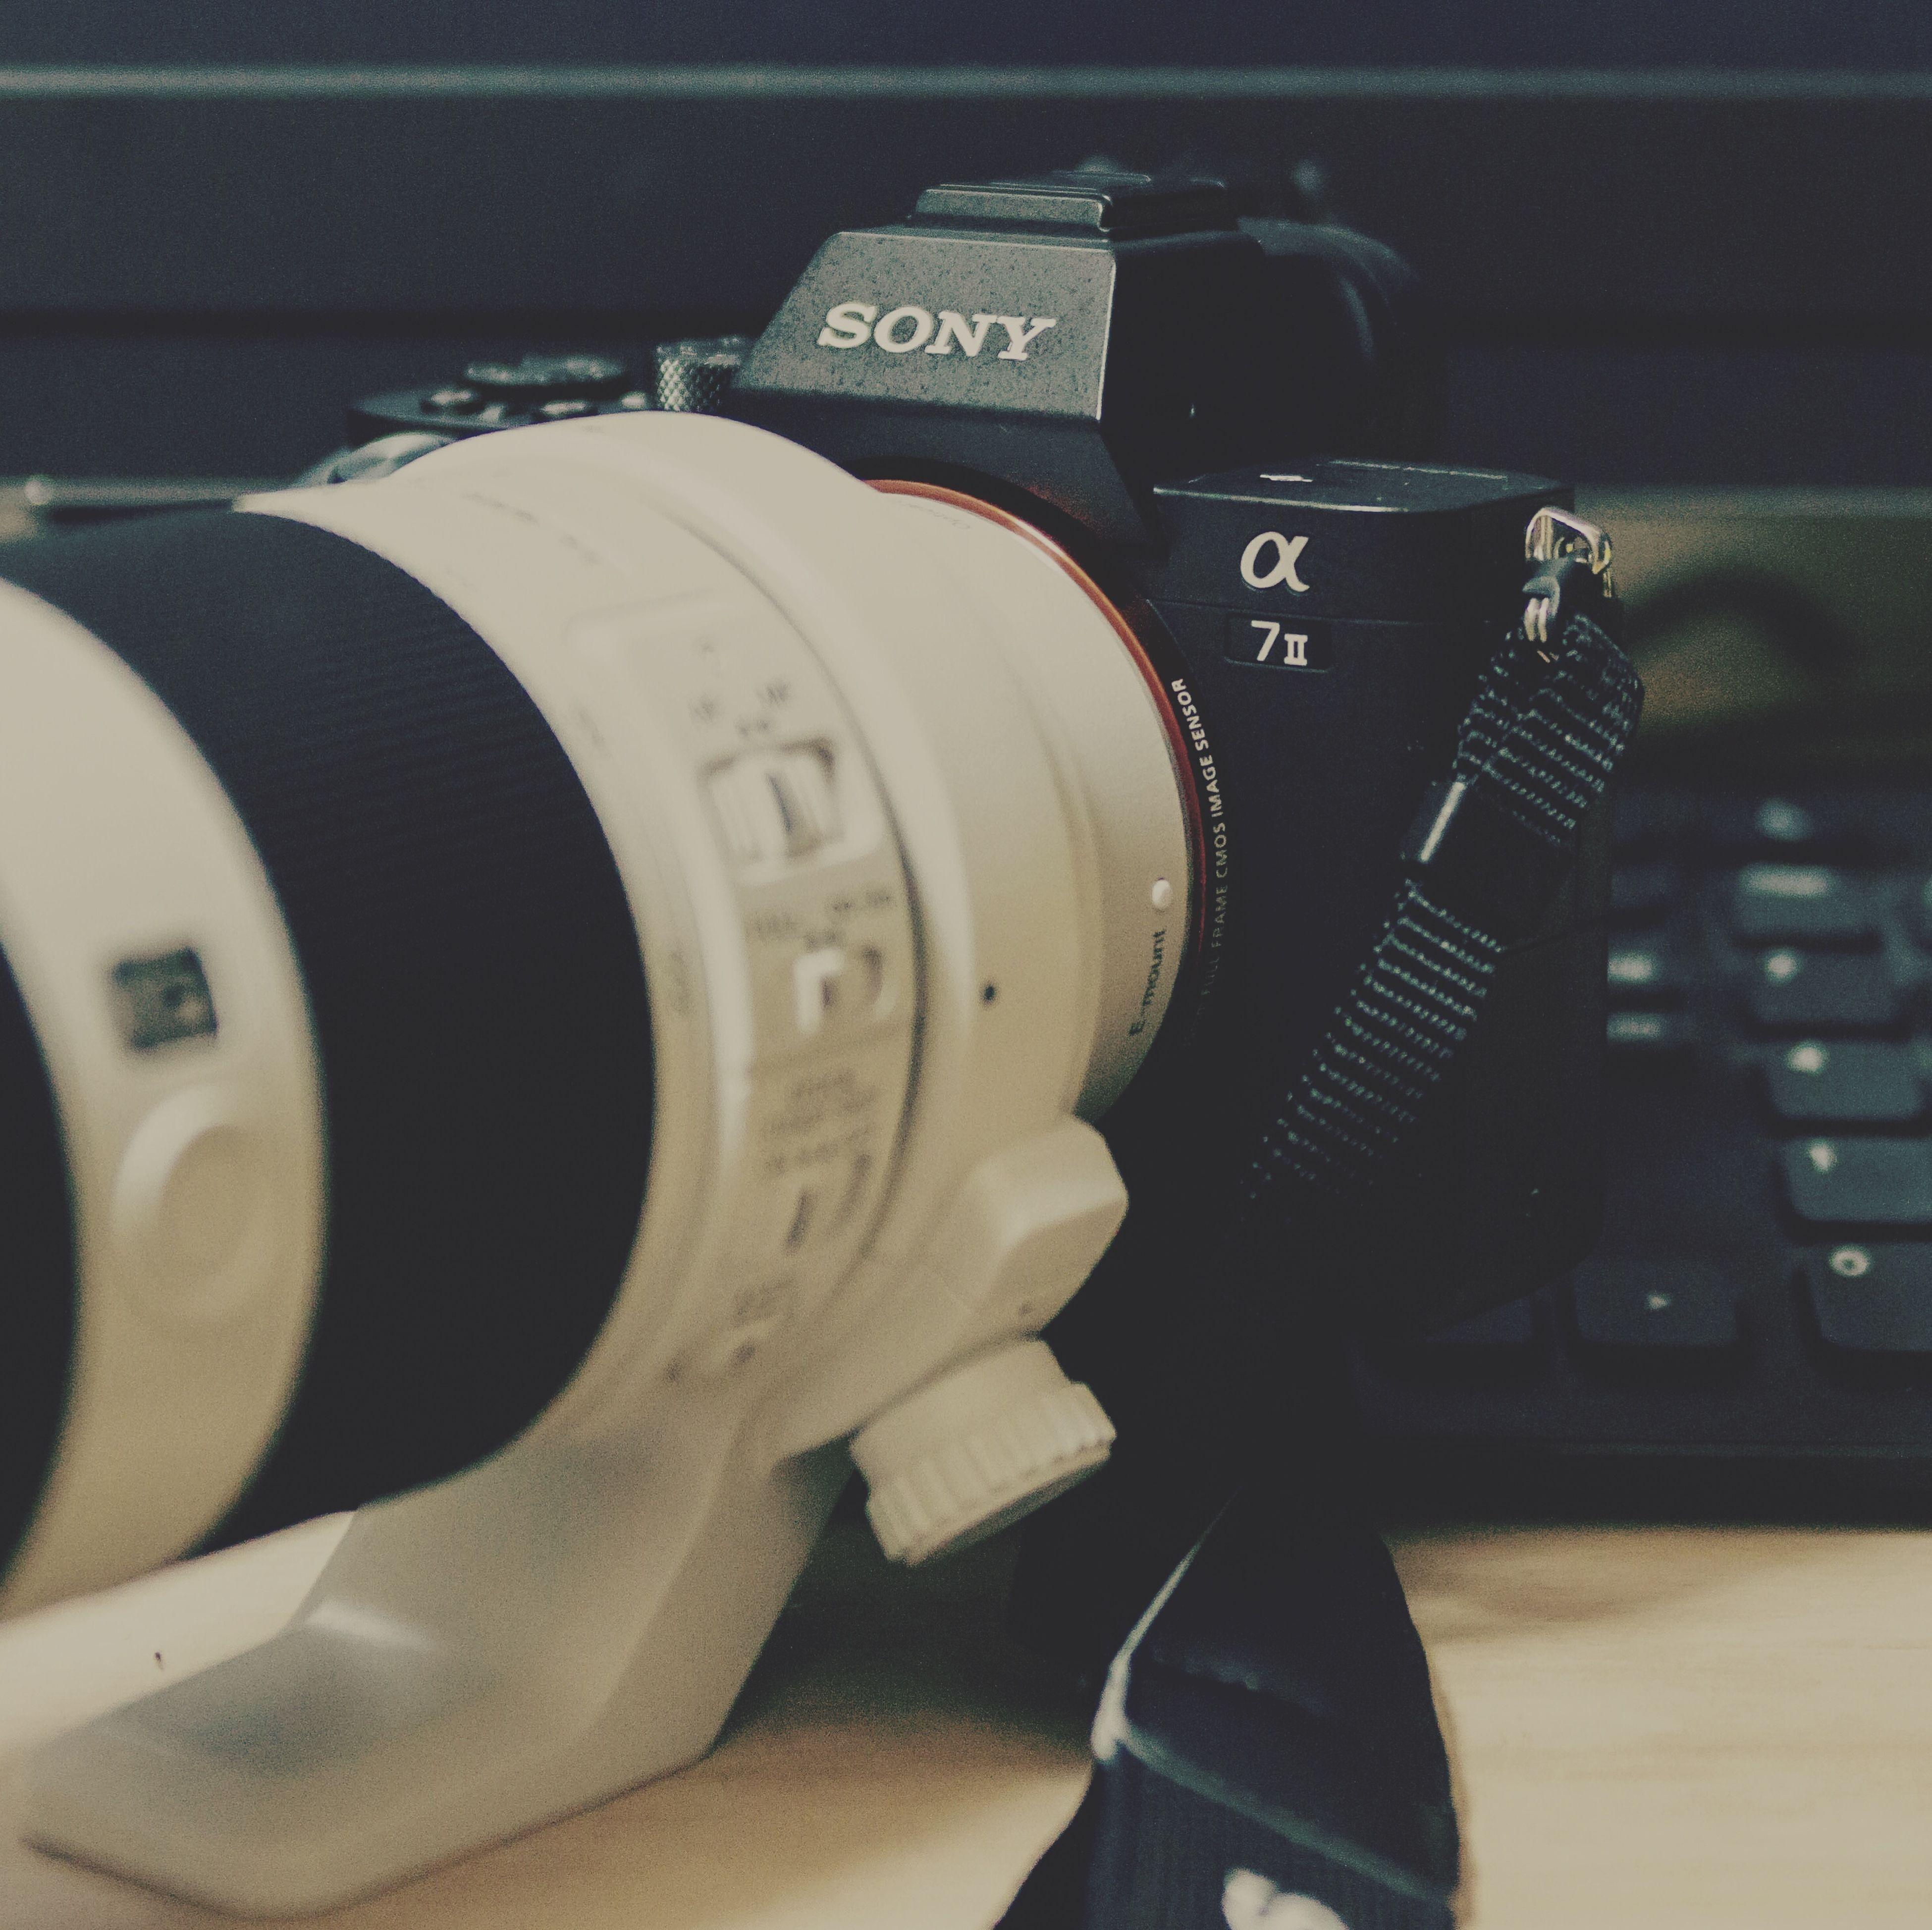 新しい相棒~♪ Taking Photos Camera Sony α7Ⅱ 嫁には内緒